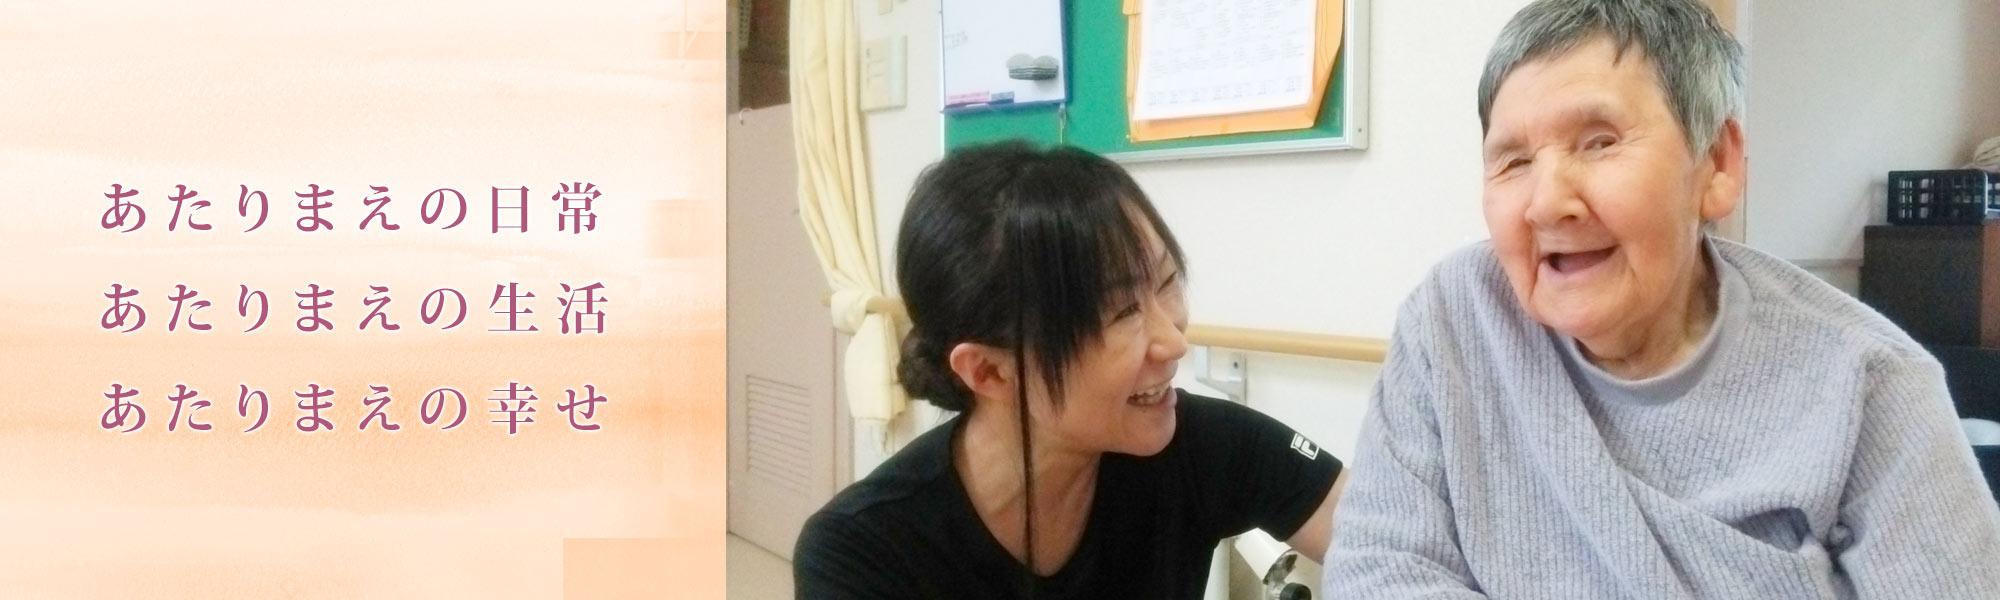 青森県弘前市の障がい者支援施設「拓光園グループ」は障がい者の方の入所・生活介護・通所・障がい児支援をおこなっています。